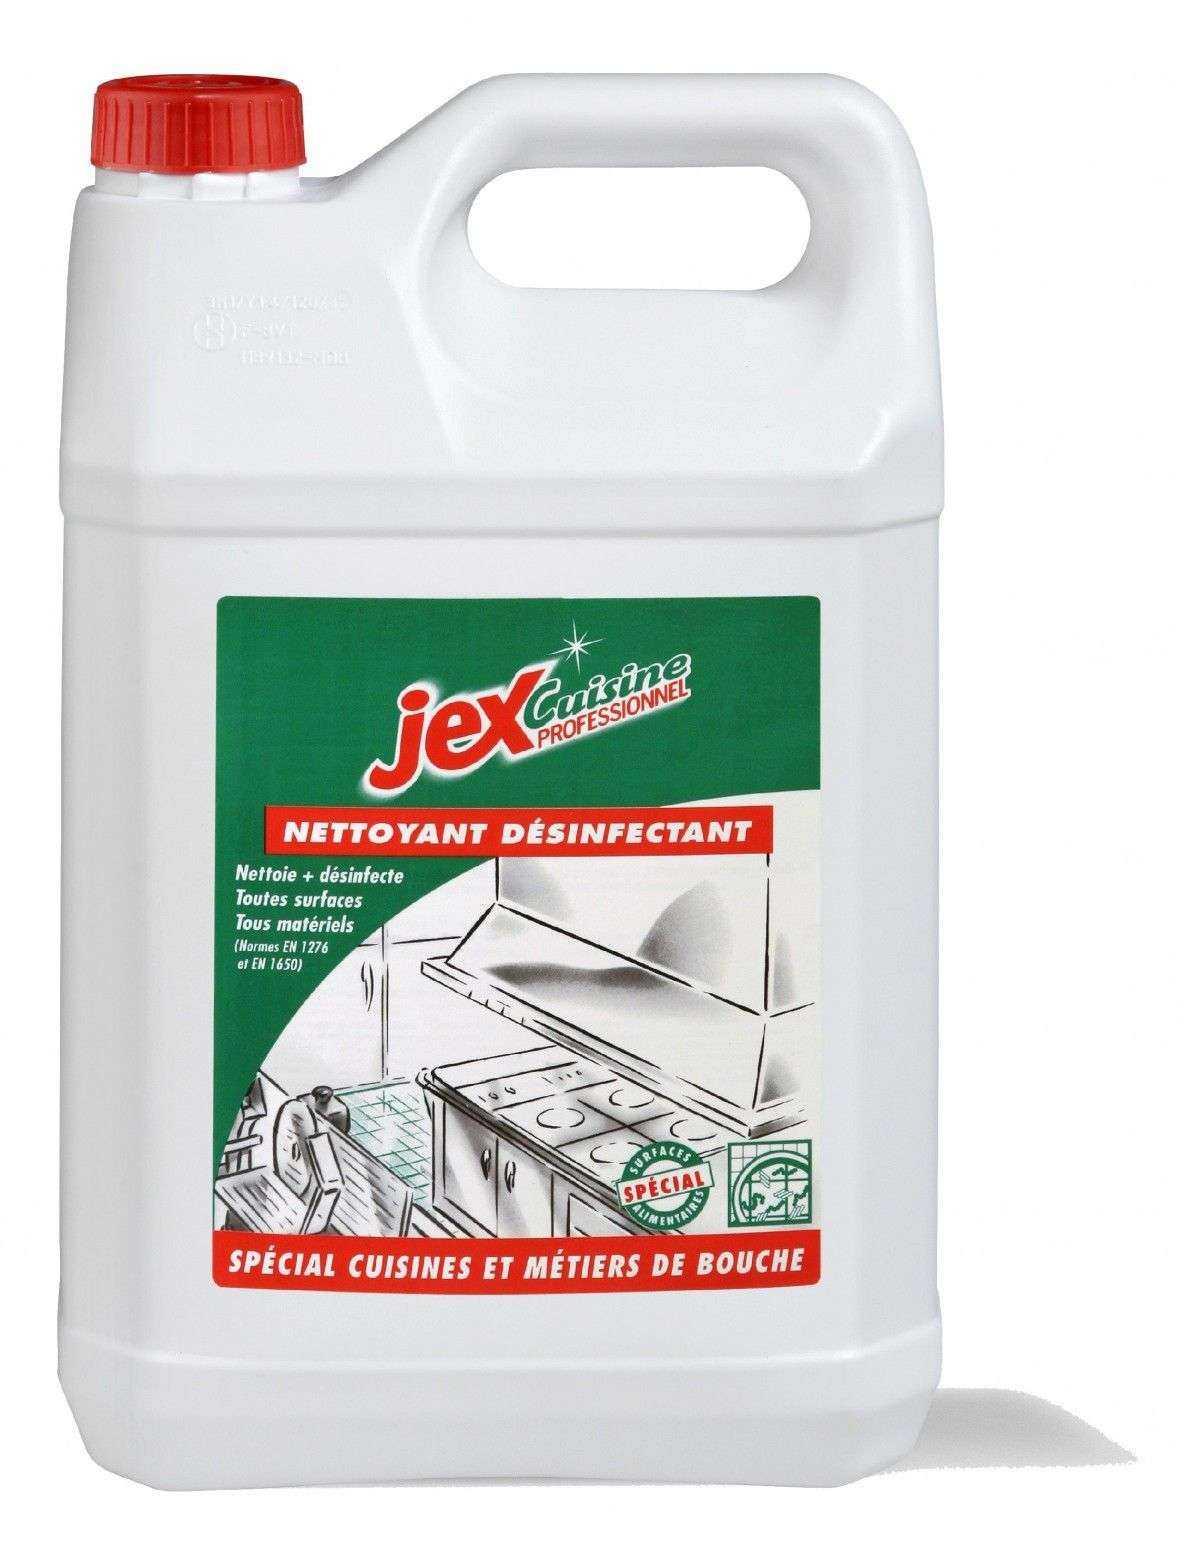 jex professionnel nettoyant desinfectant special cuisine le bidon de 5 litres